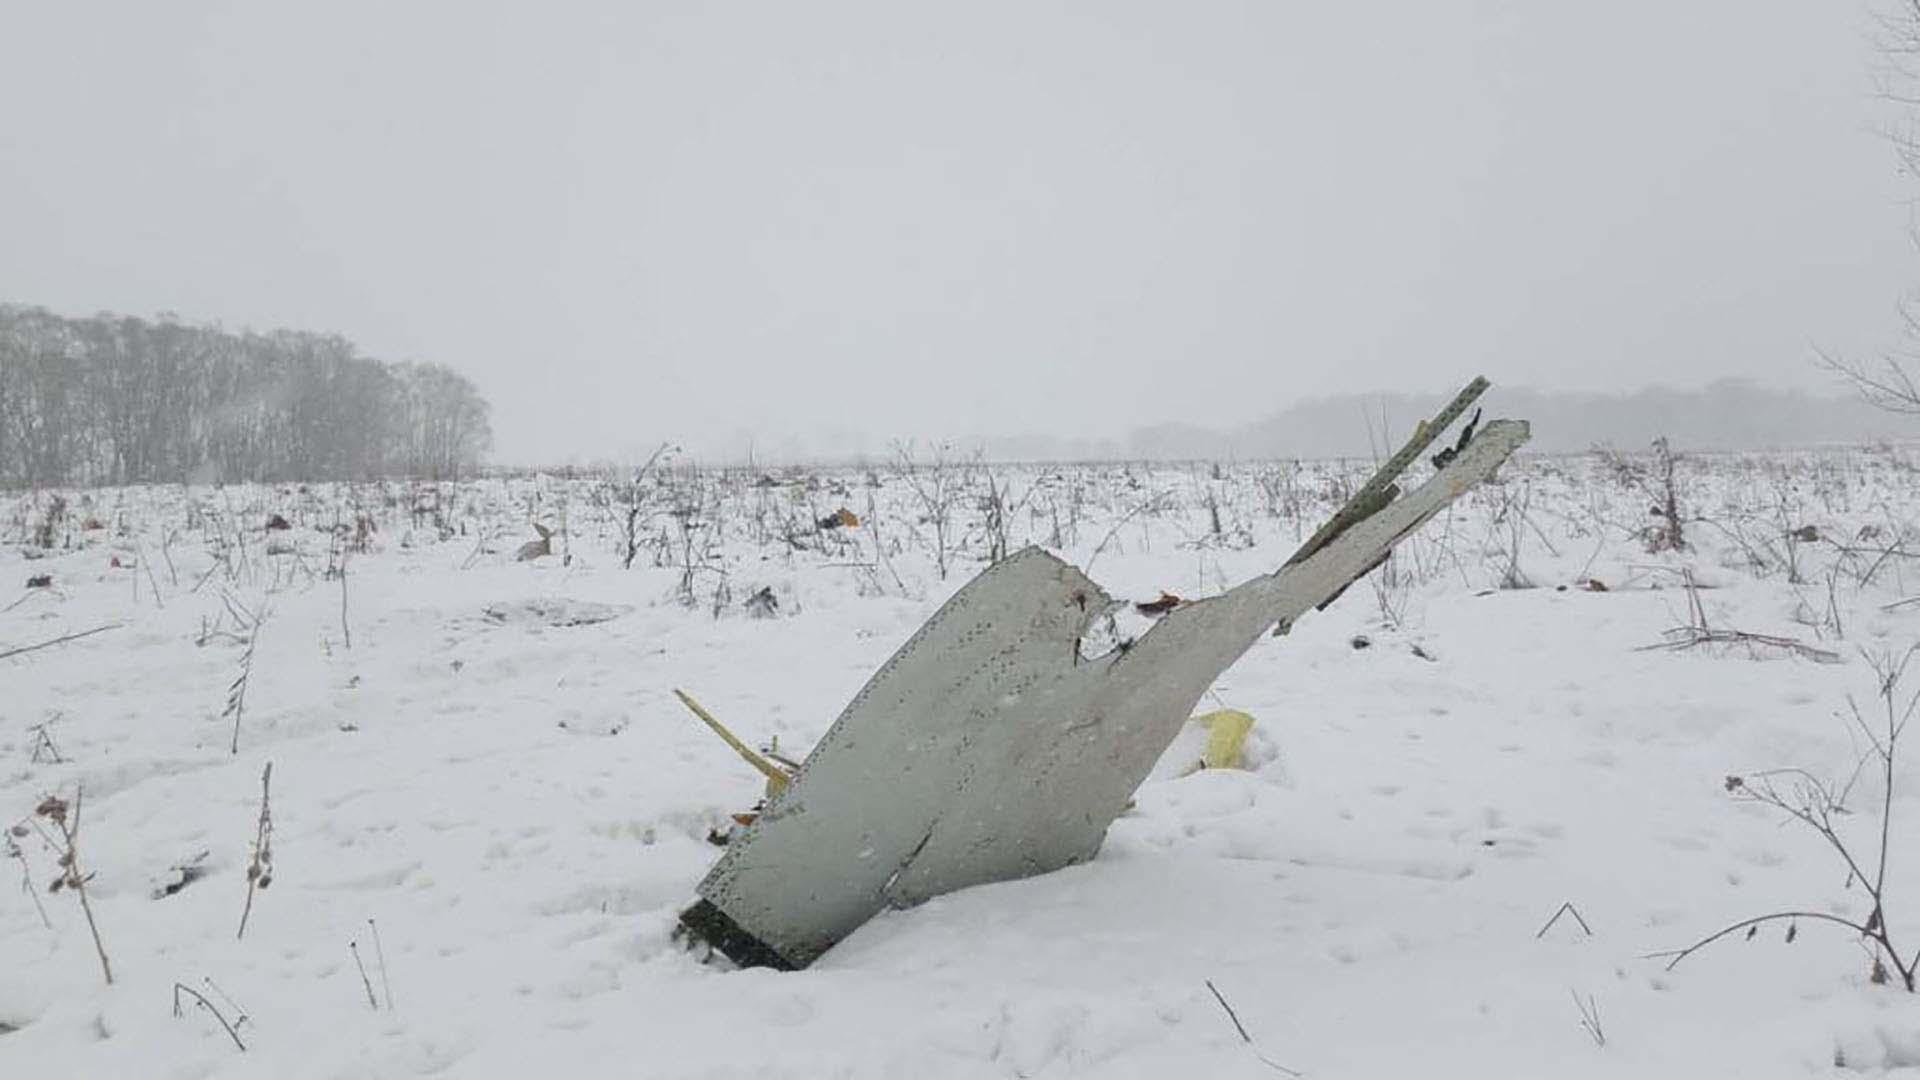 Un avión Antonov AN-148 se estrella después de despegar del aeropuerto de Domodedovo de Moscú el 11 de febrero